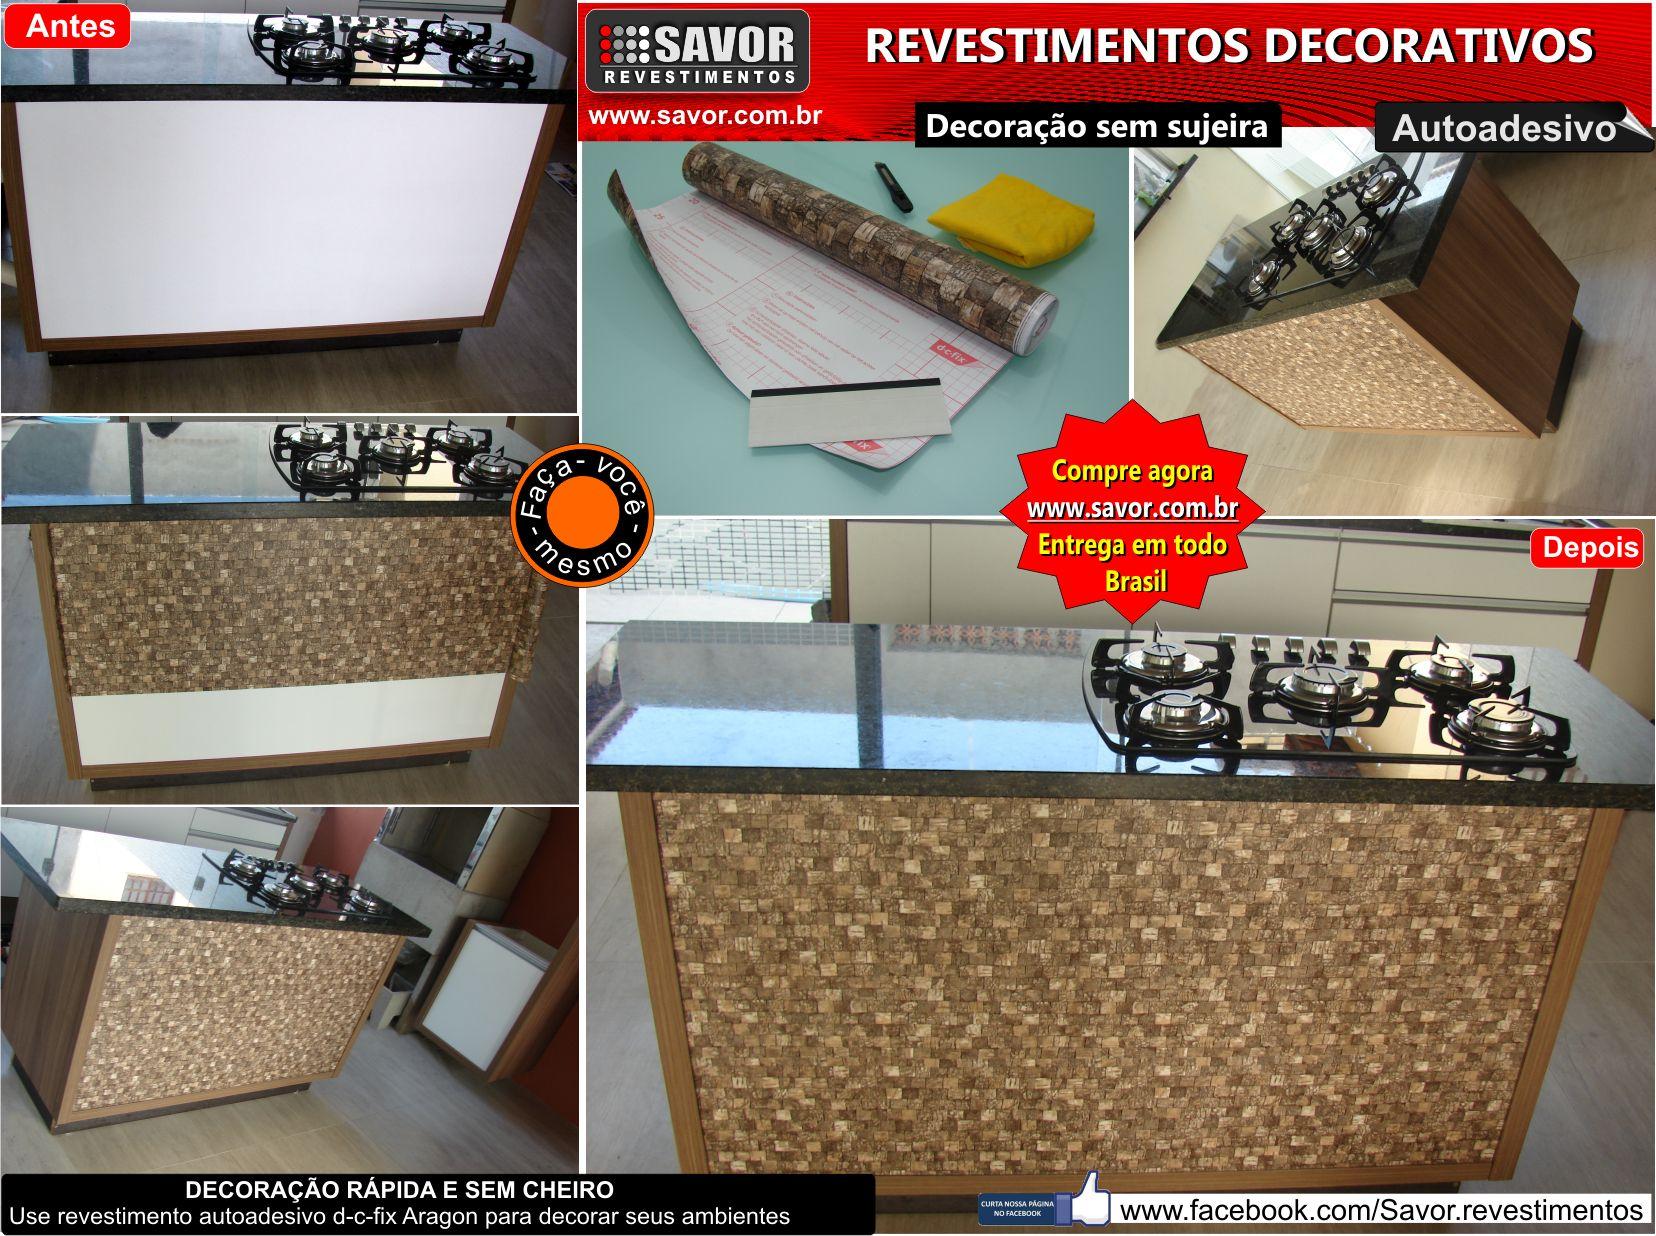 Revestimento autoadesivo com texturas variadas, usado para reformar e customizar superfícies lisas como, paredes, portas, MDF, PVC, metais, azulejos, divisórias e móveis.